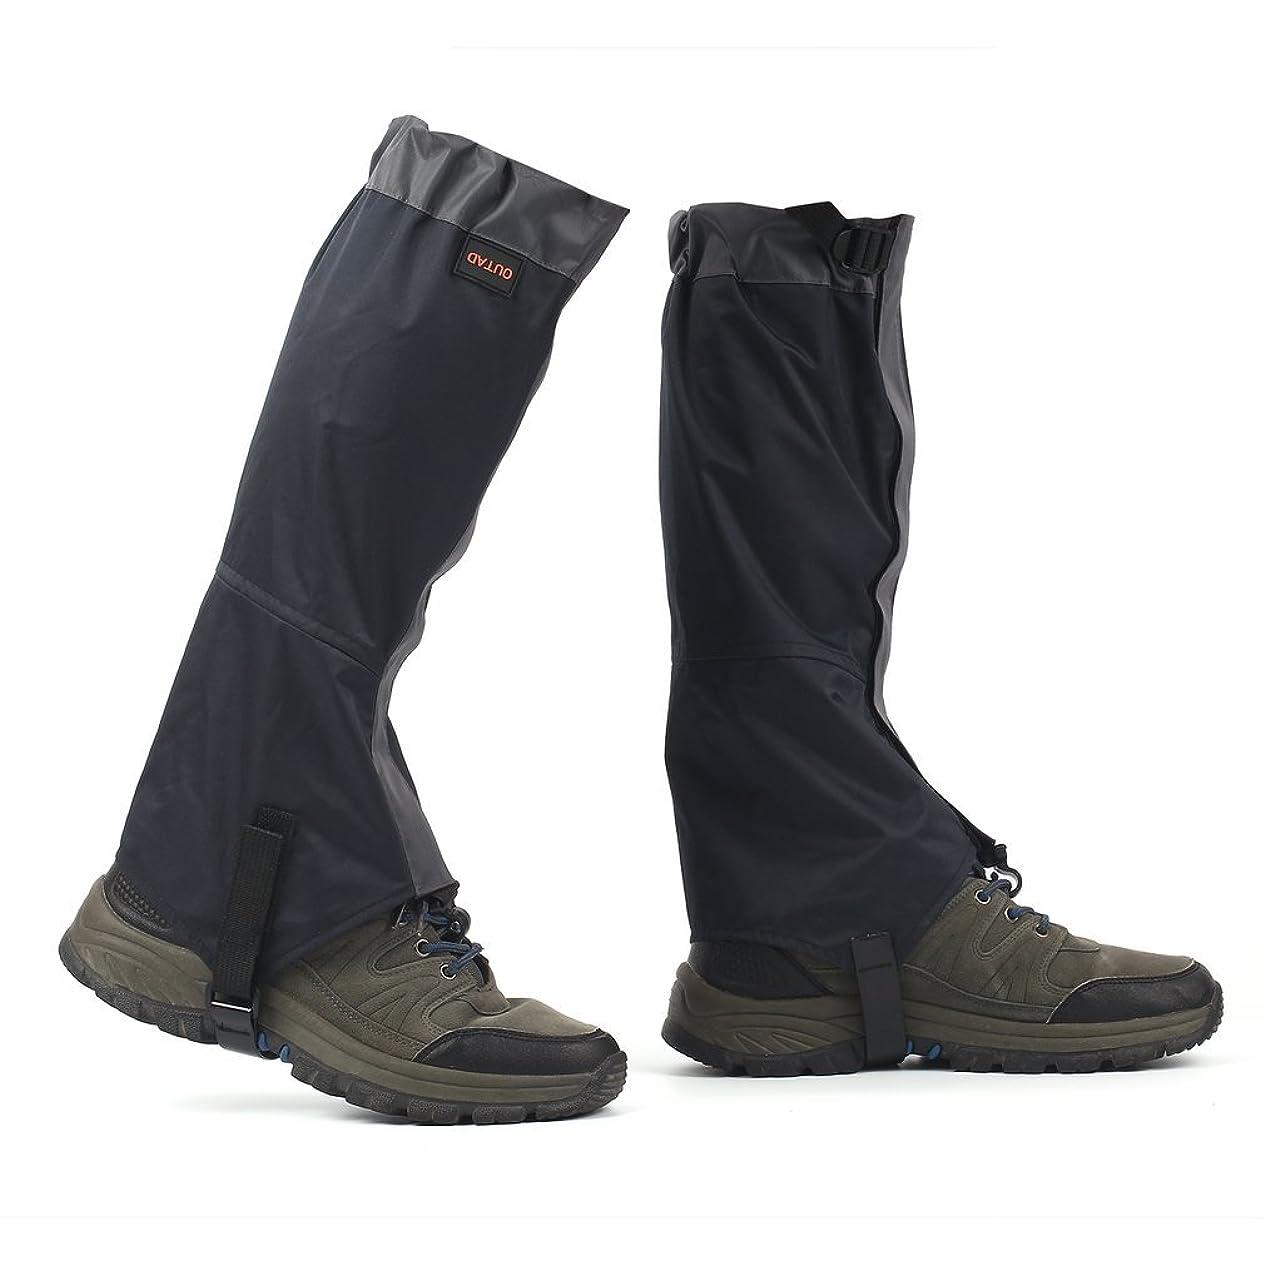 老朽化した買い手ようこそOUTAD ゲイター?スパッツ 登山に大活躍 足元の防水、砂利の侵入対策 防汚 防水 撥水 トレッキング装備 M-L-XLサイズ 男女兼用